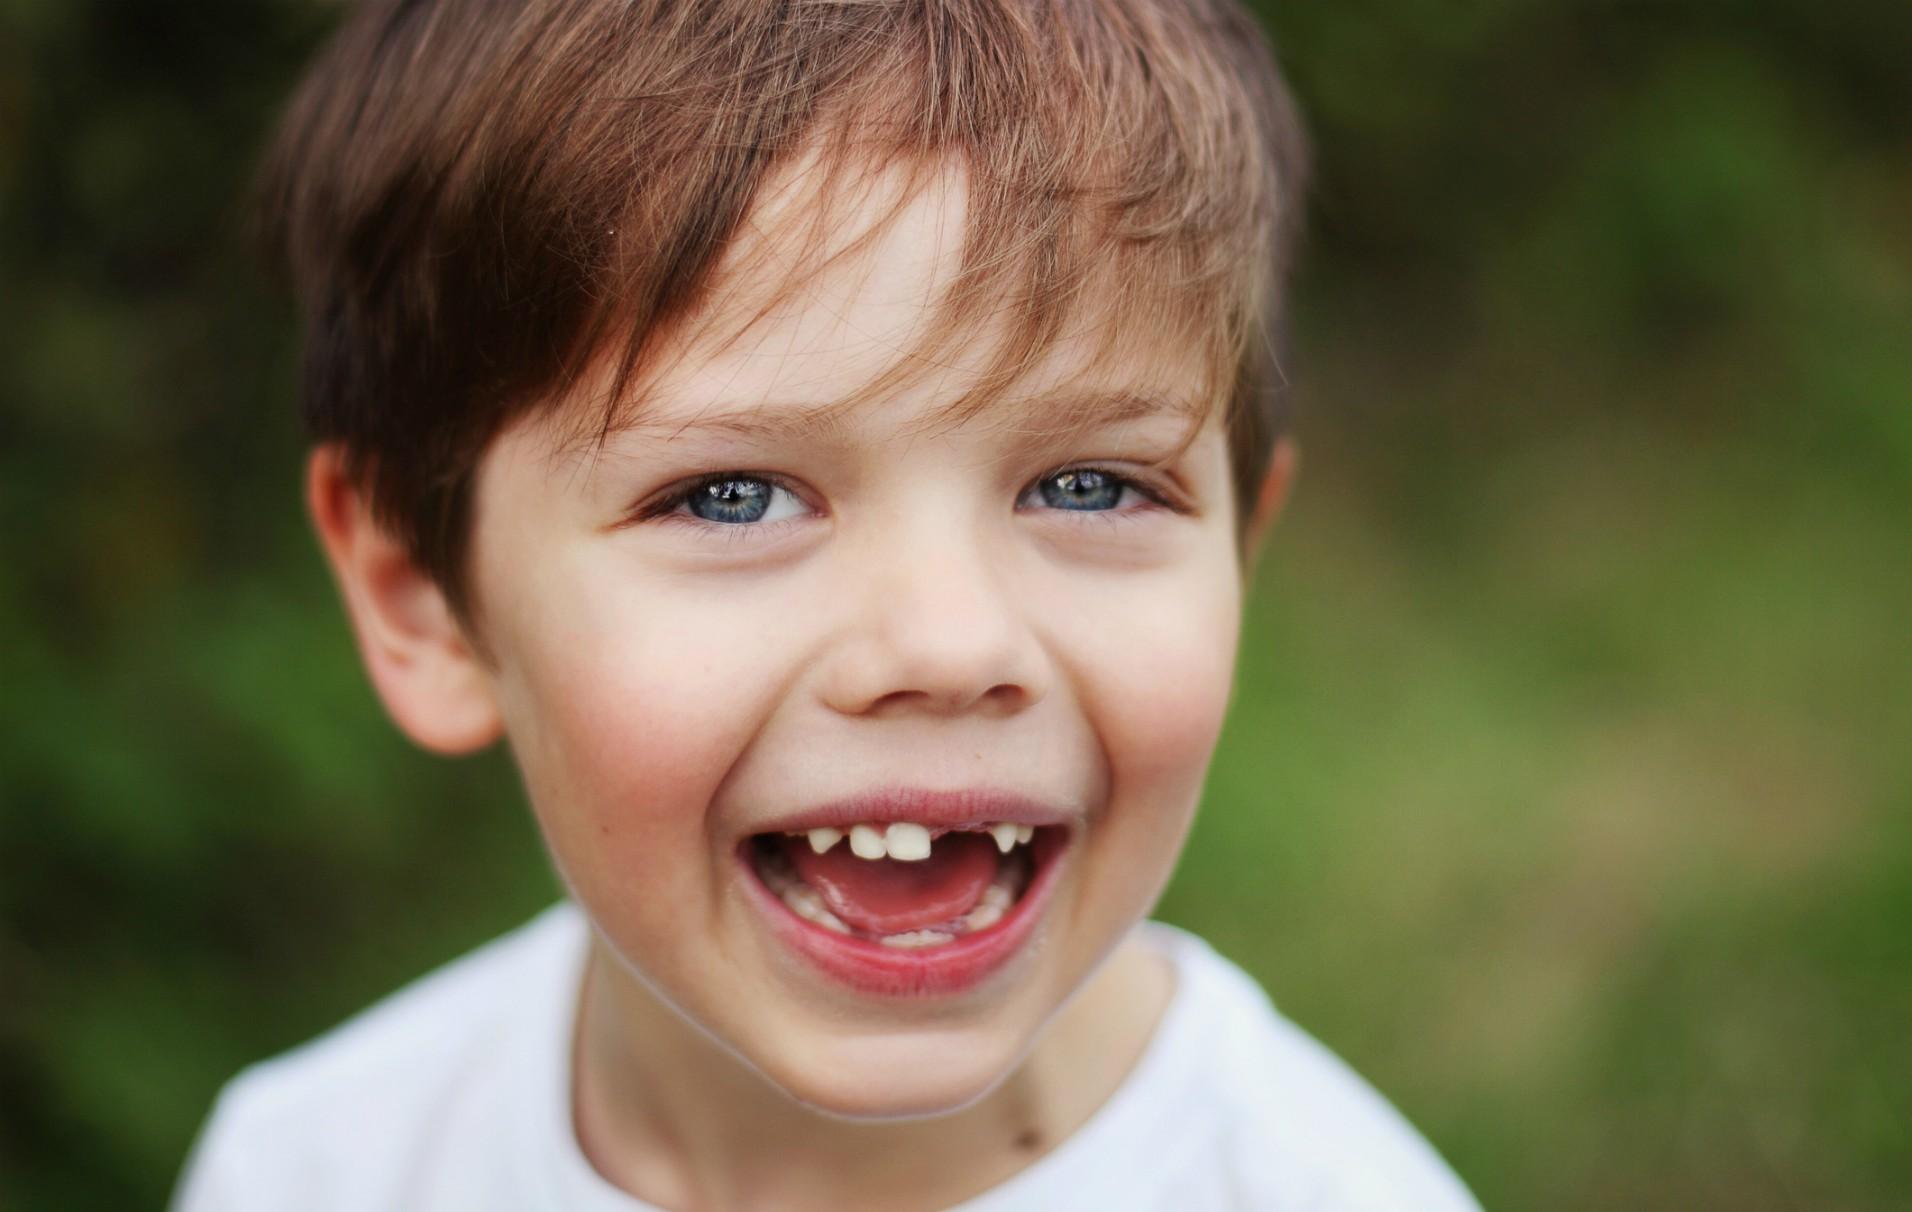 پوسیدگی دندان های شیری در کودکان و عواقب آن بر دندان های دائمی در صورت عدم درمان